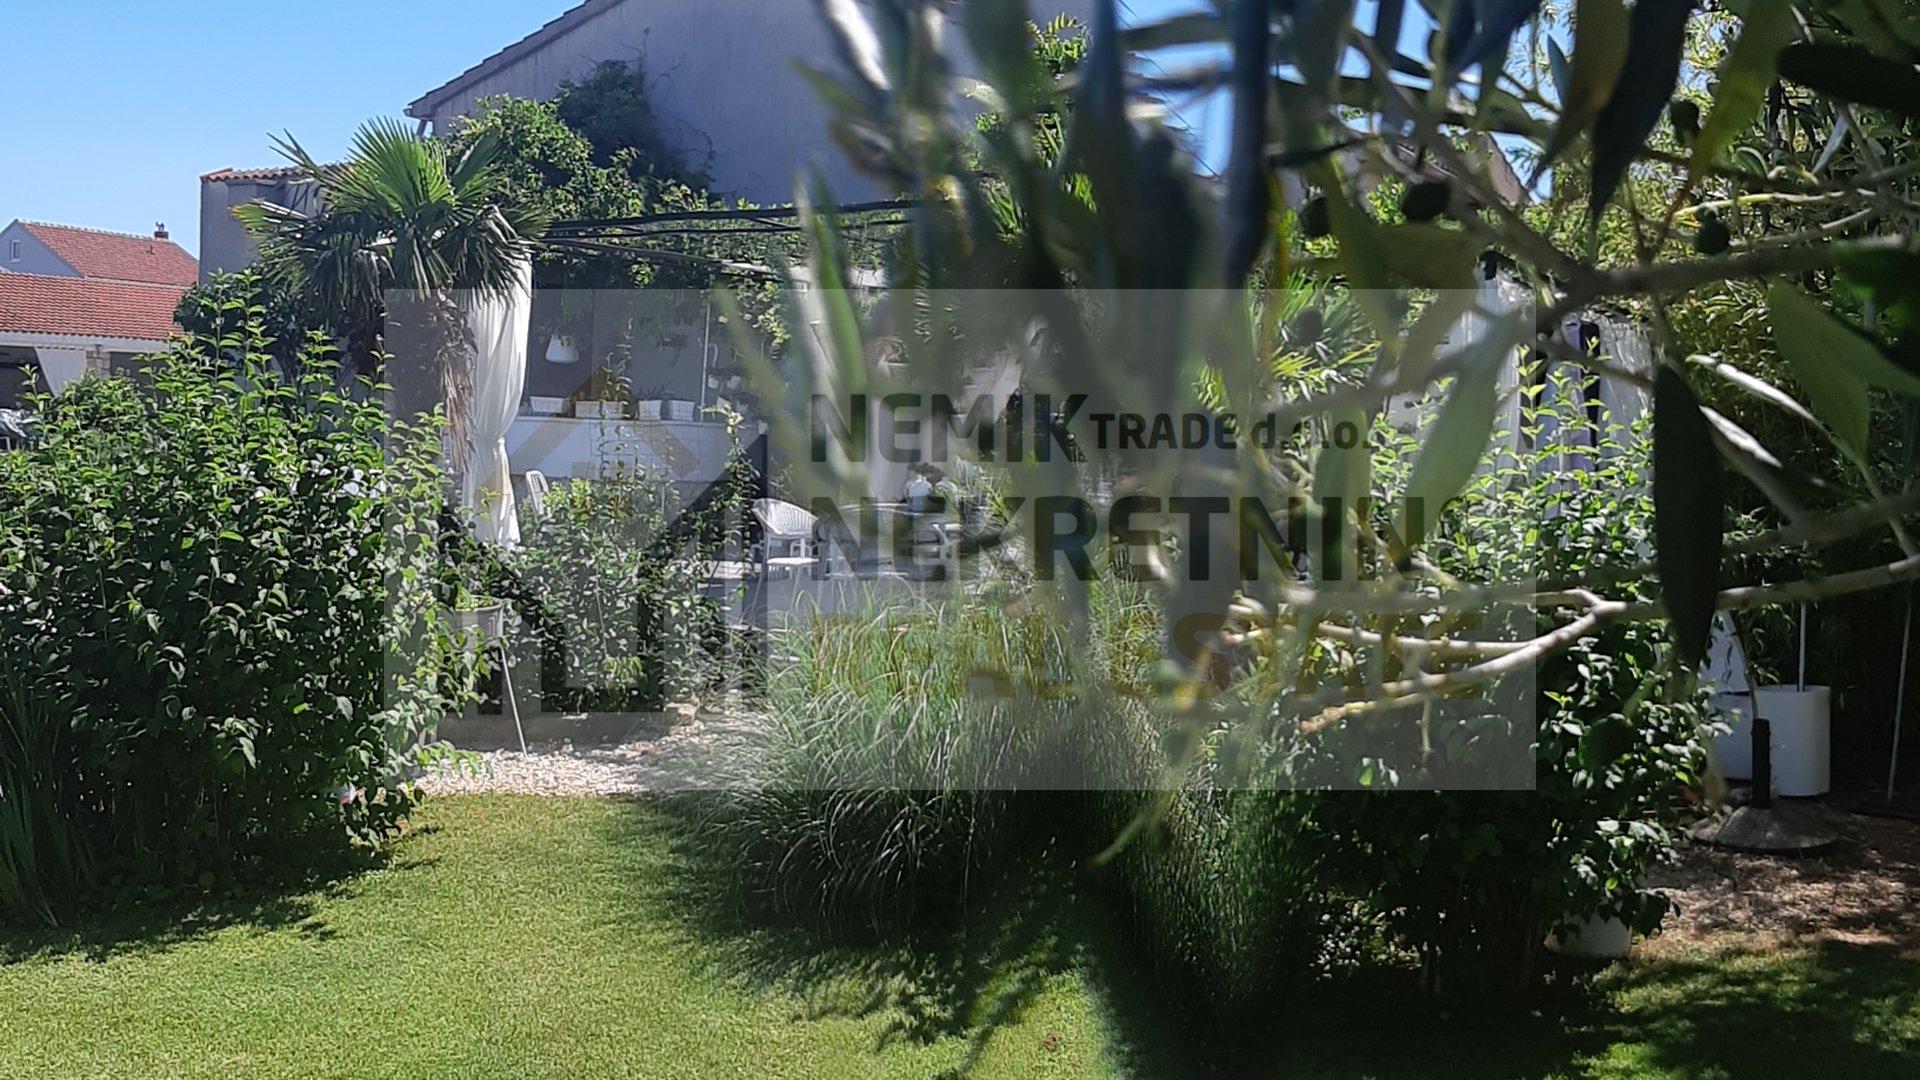 Vodice, kuća sa velikim privatnim parkom punim zelenila i dalmatinskog bilja